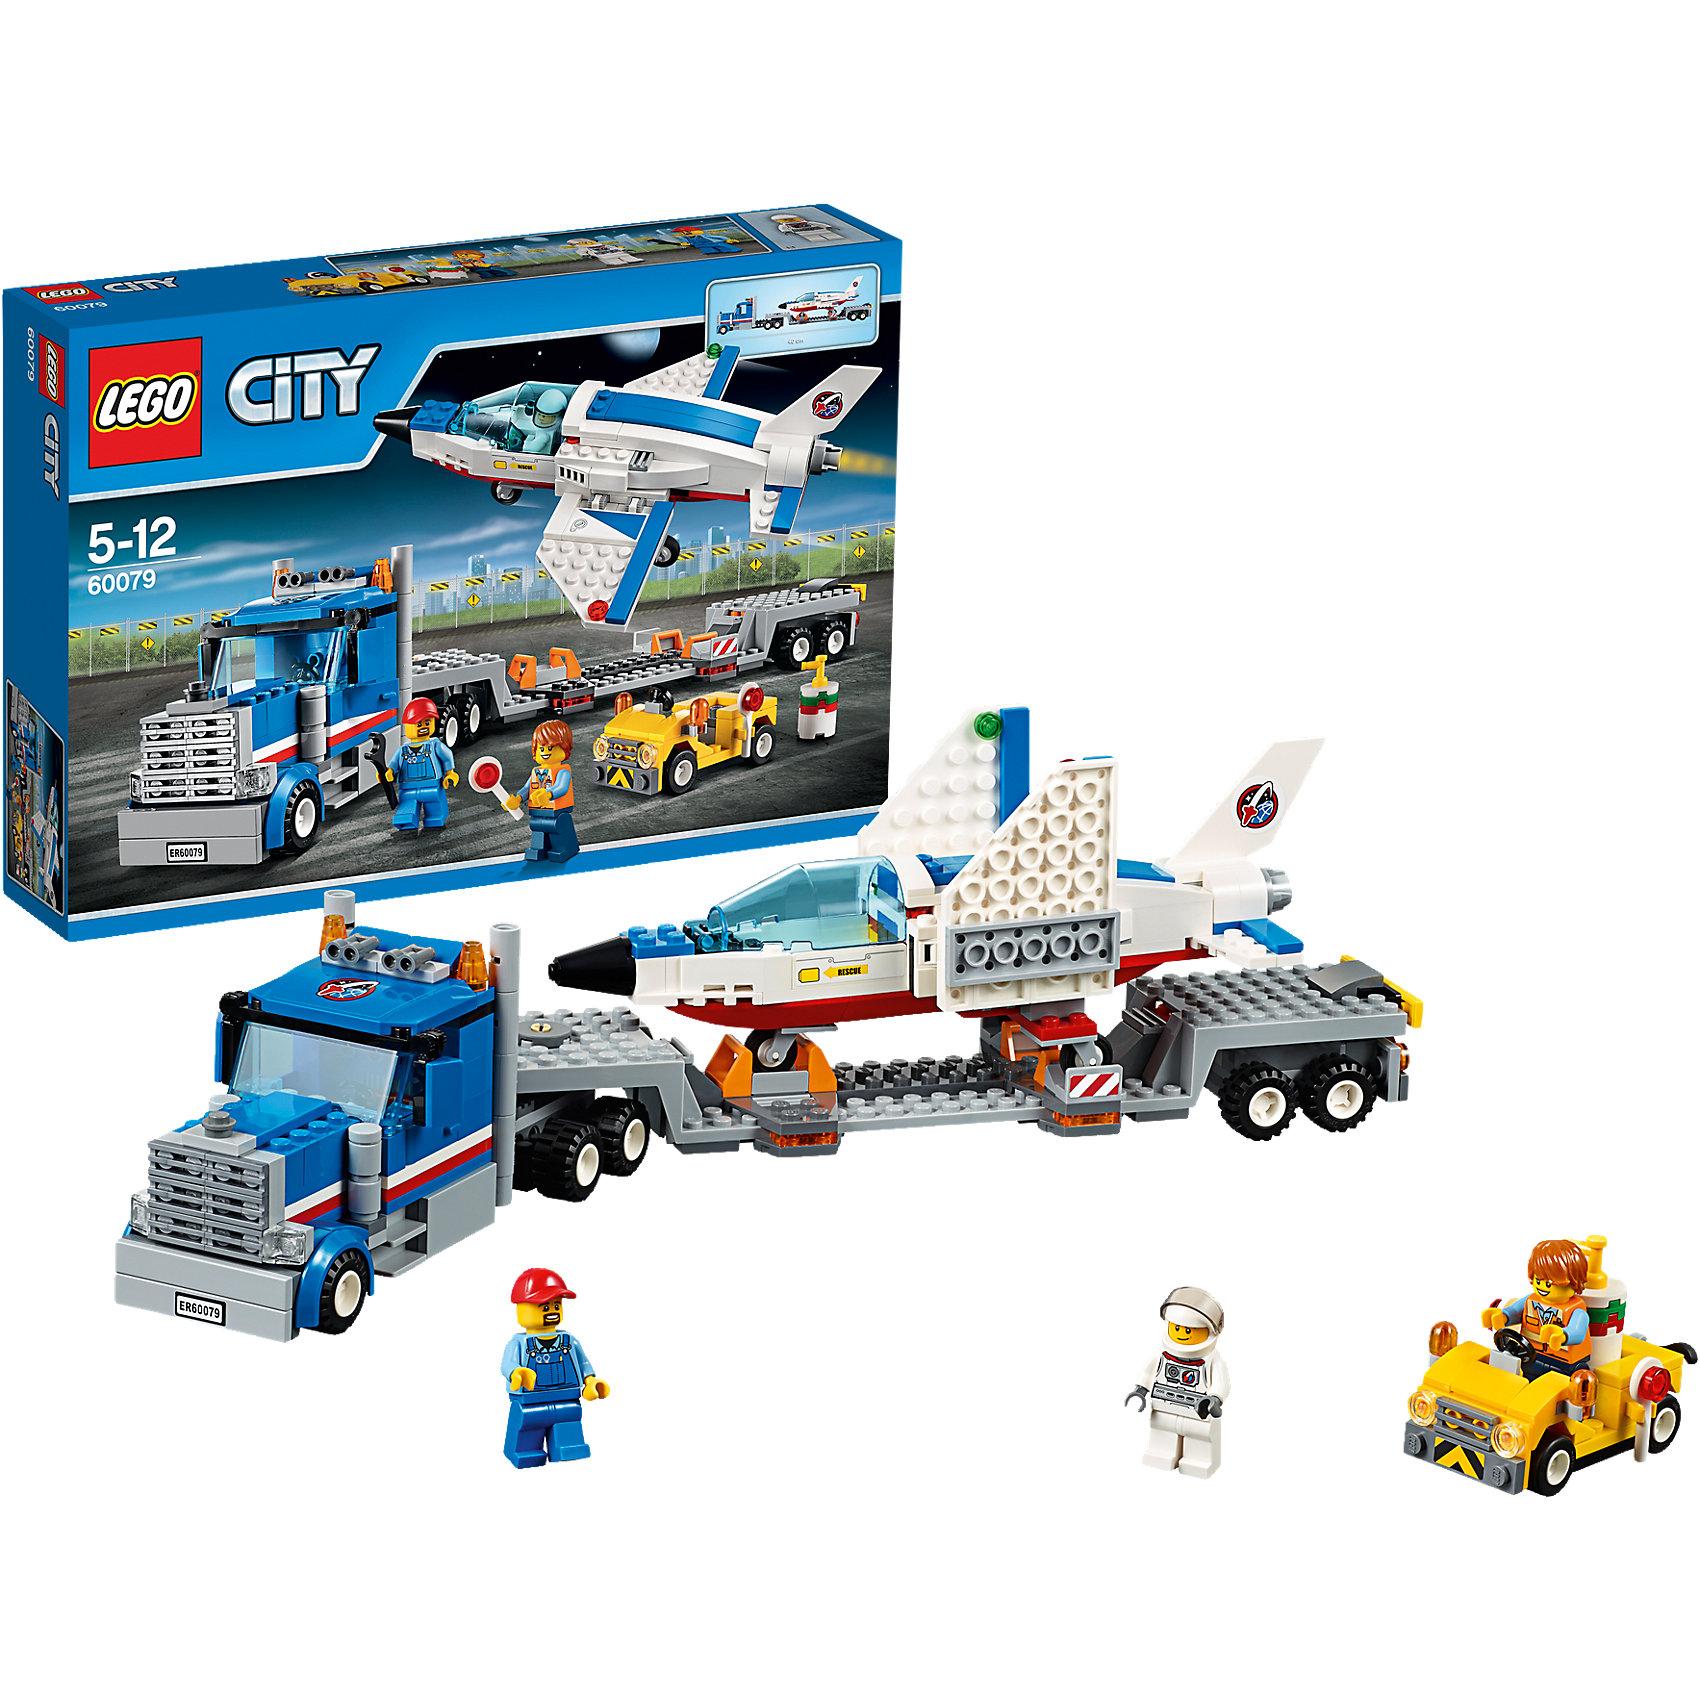 LEGO City 60079: Транспортер для учебных самолетов